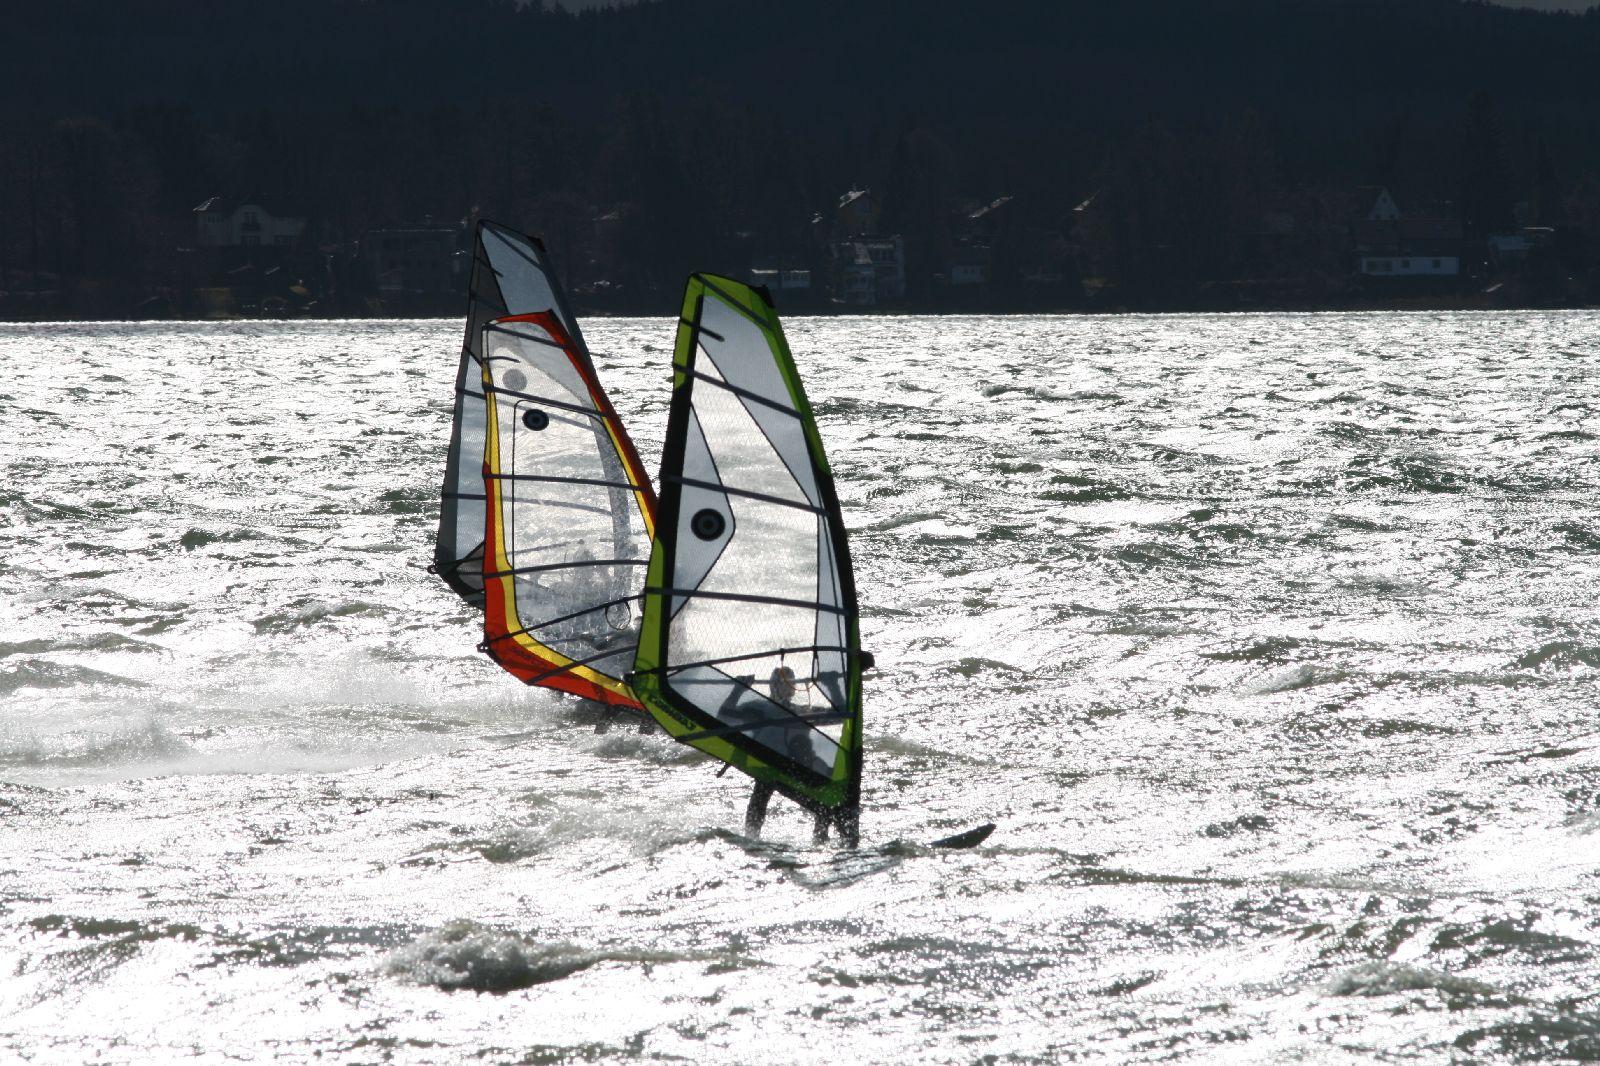 Windsurfen_Starnberger_See_IMG_5317-1.JPG